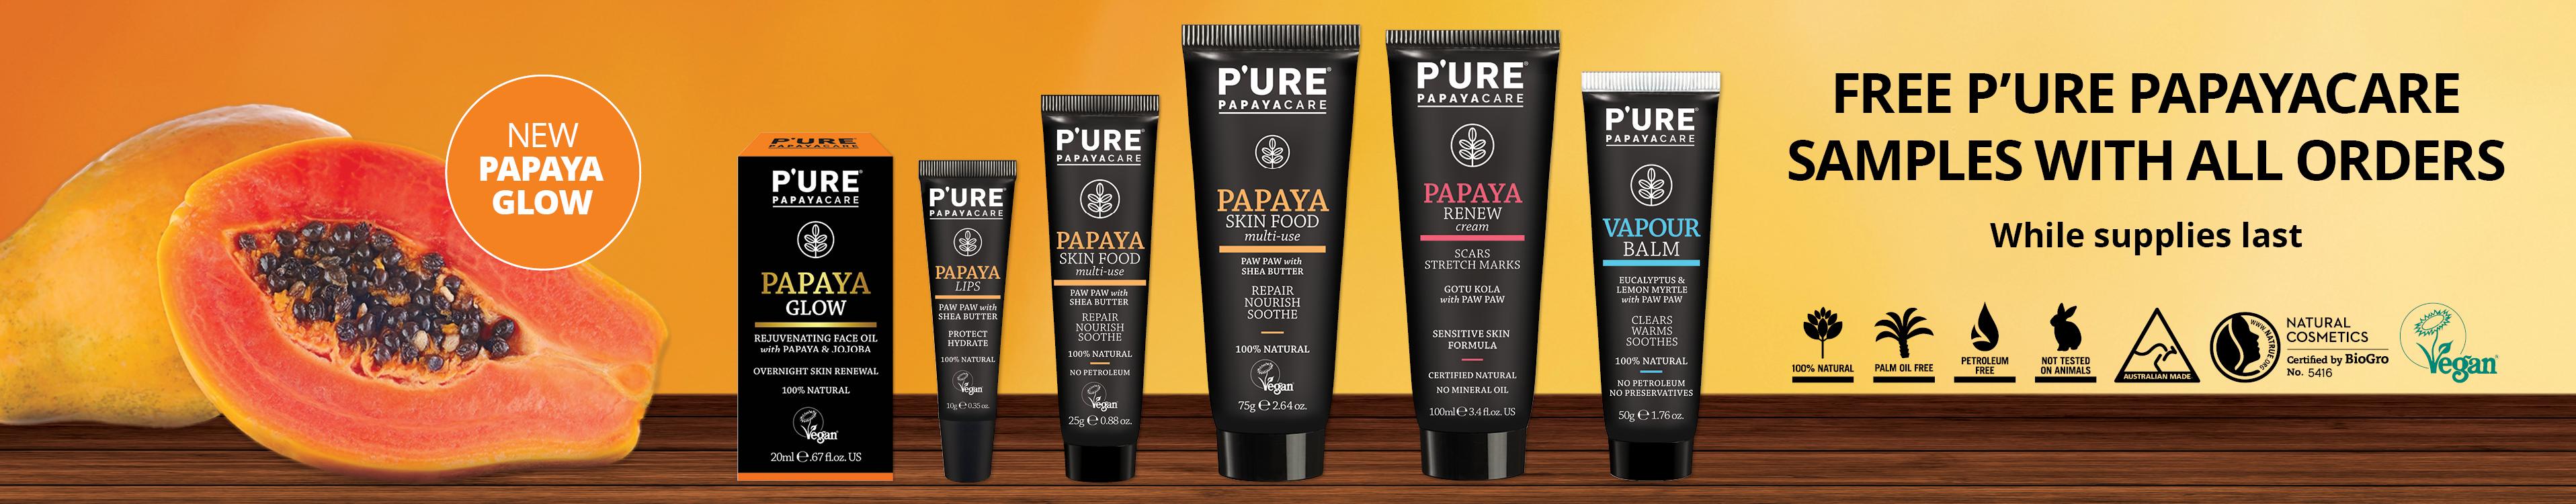 pure-papayacare-free-sample.jpg